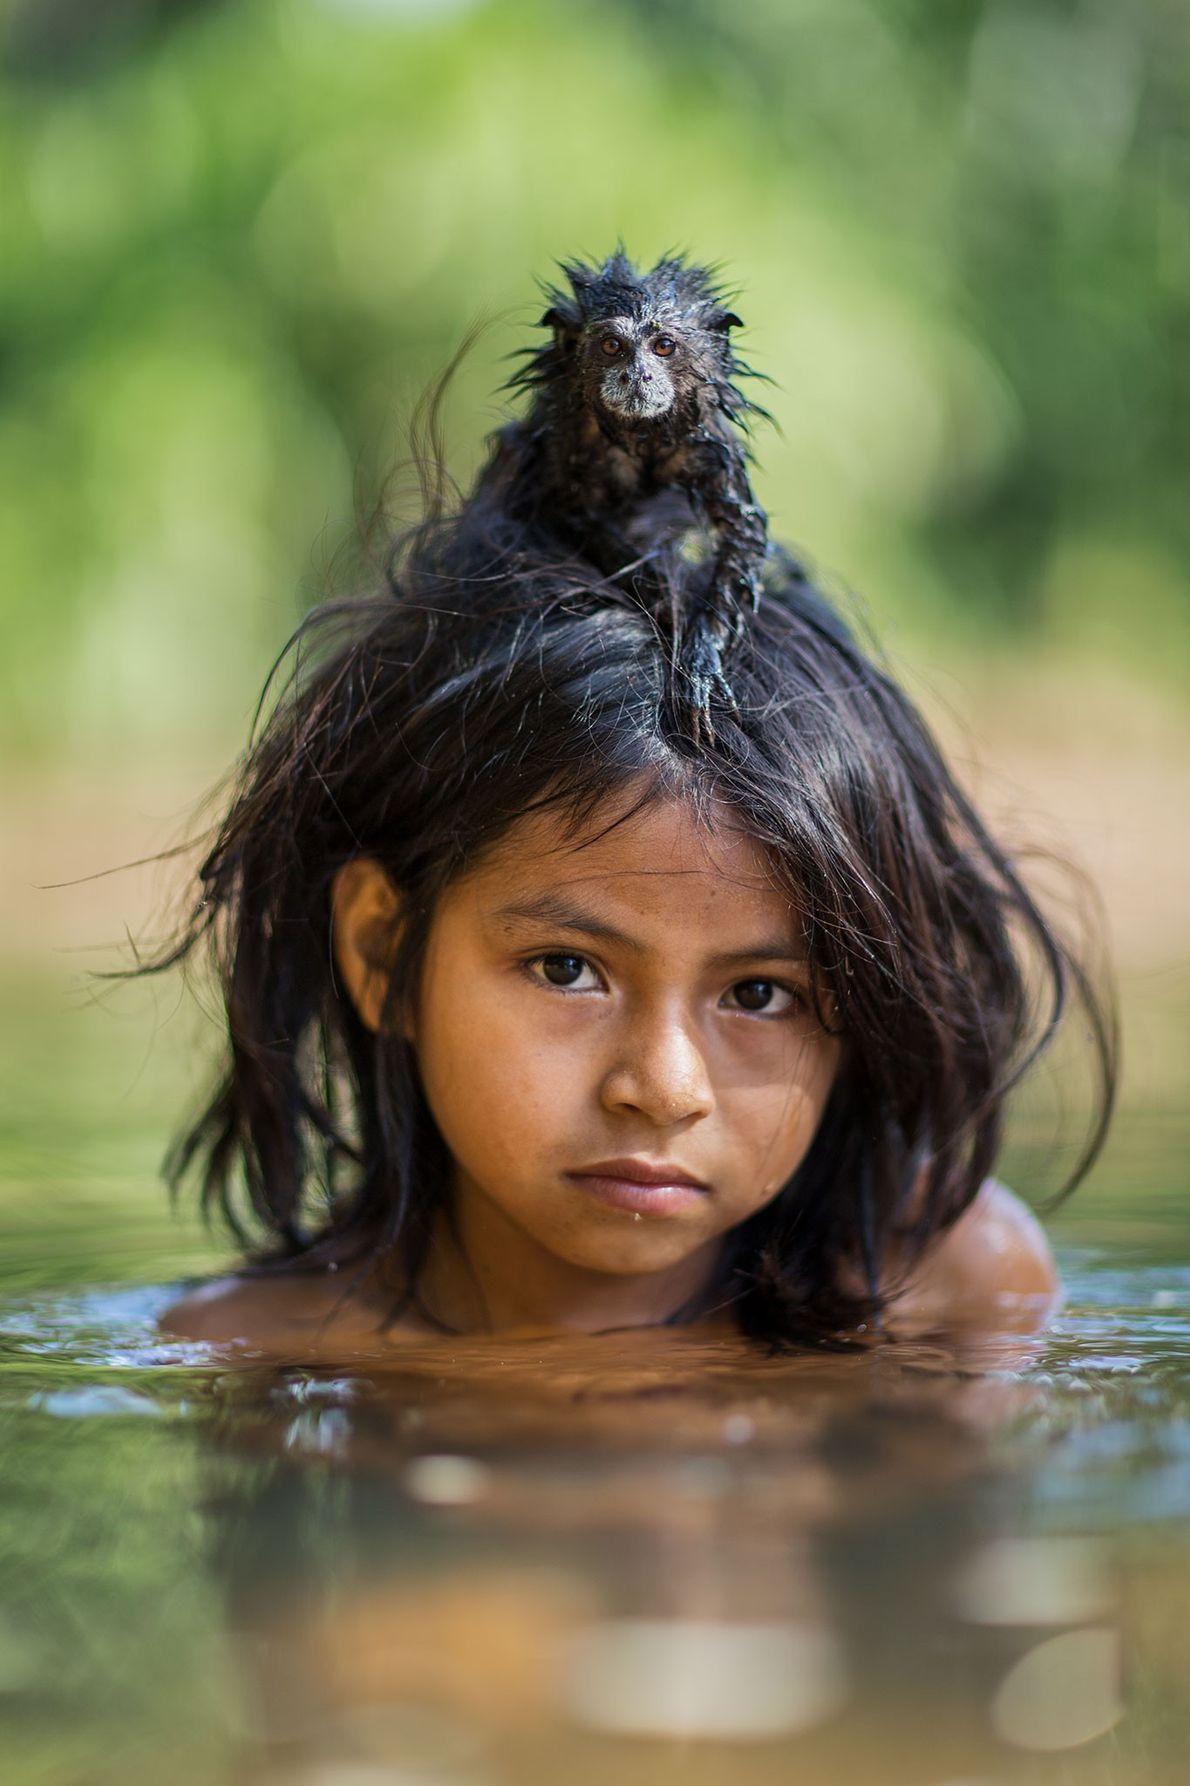 Un mico bebeleche